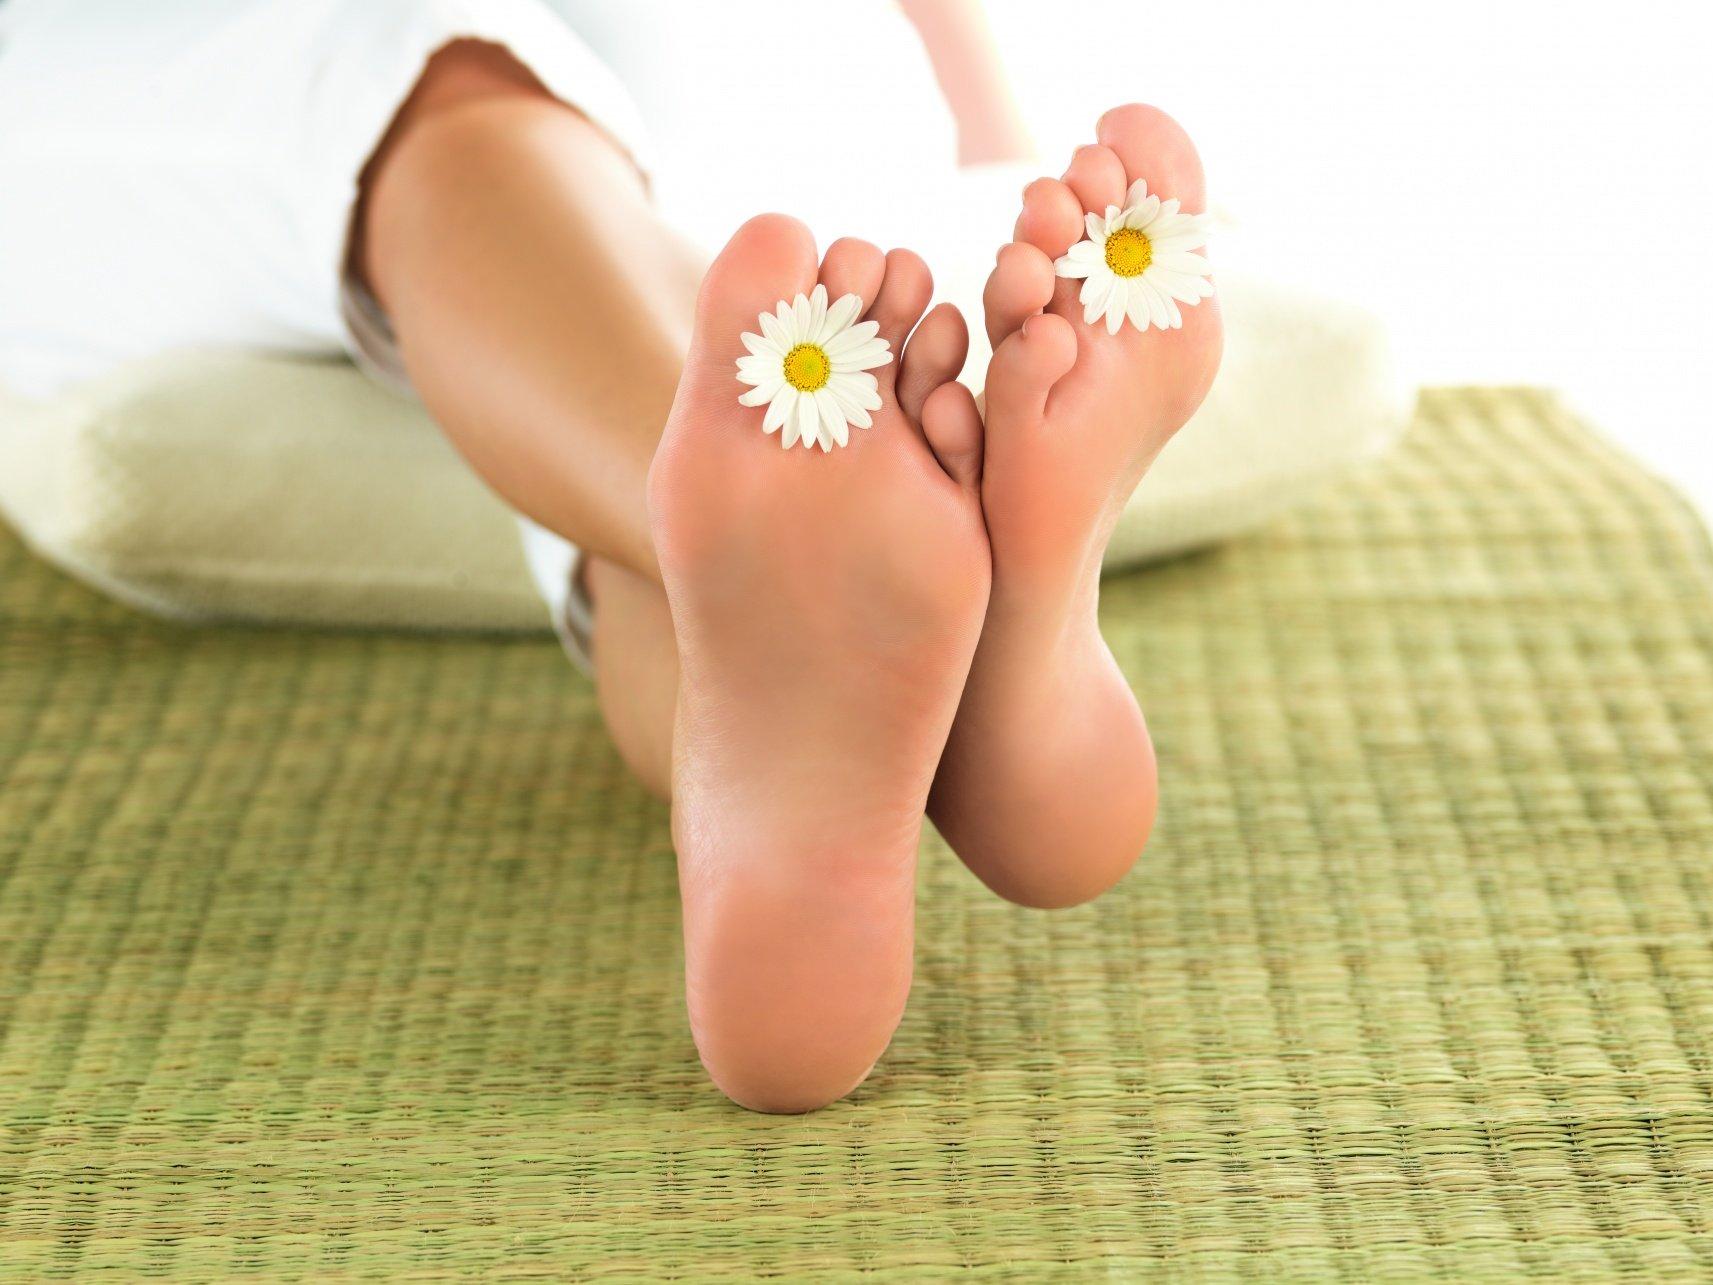 Грибок ногтей на ногах - чем лечить. По какой причине появляется грибок ногтей на ногах и какие средства эффективны в домашних условиях. - Женское мнение